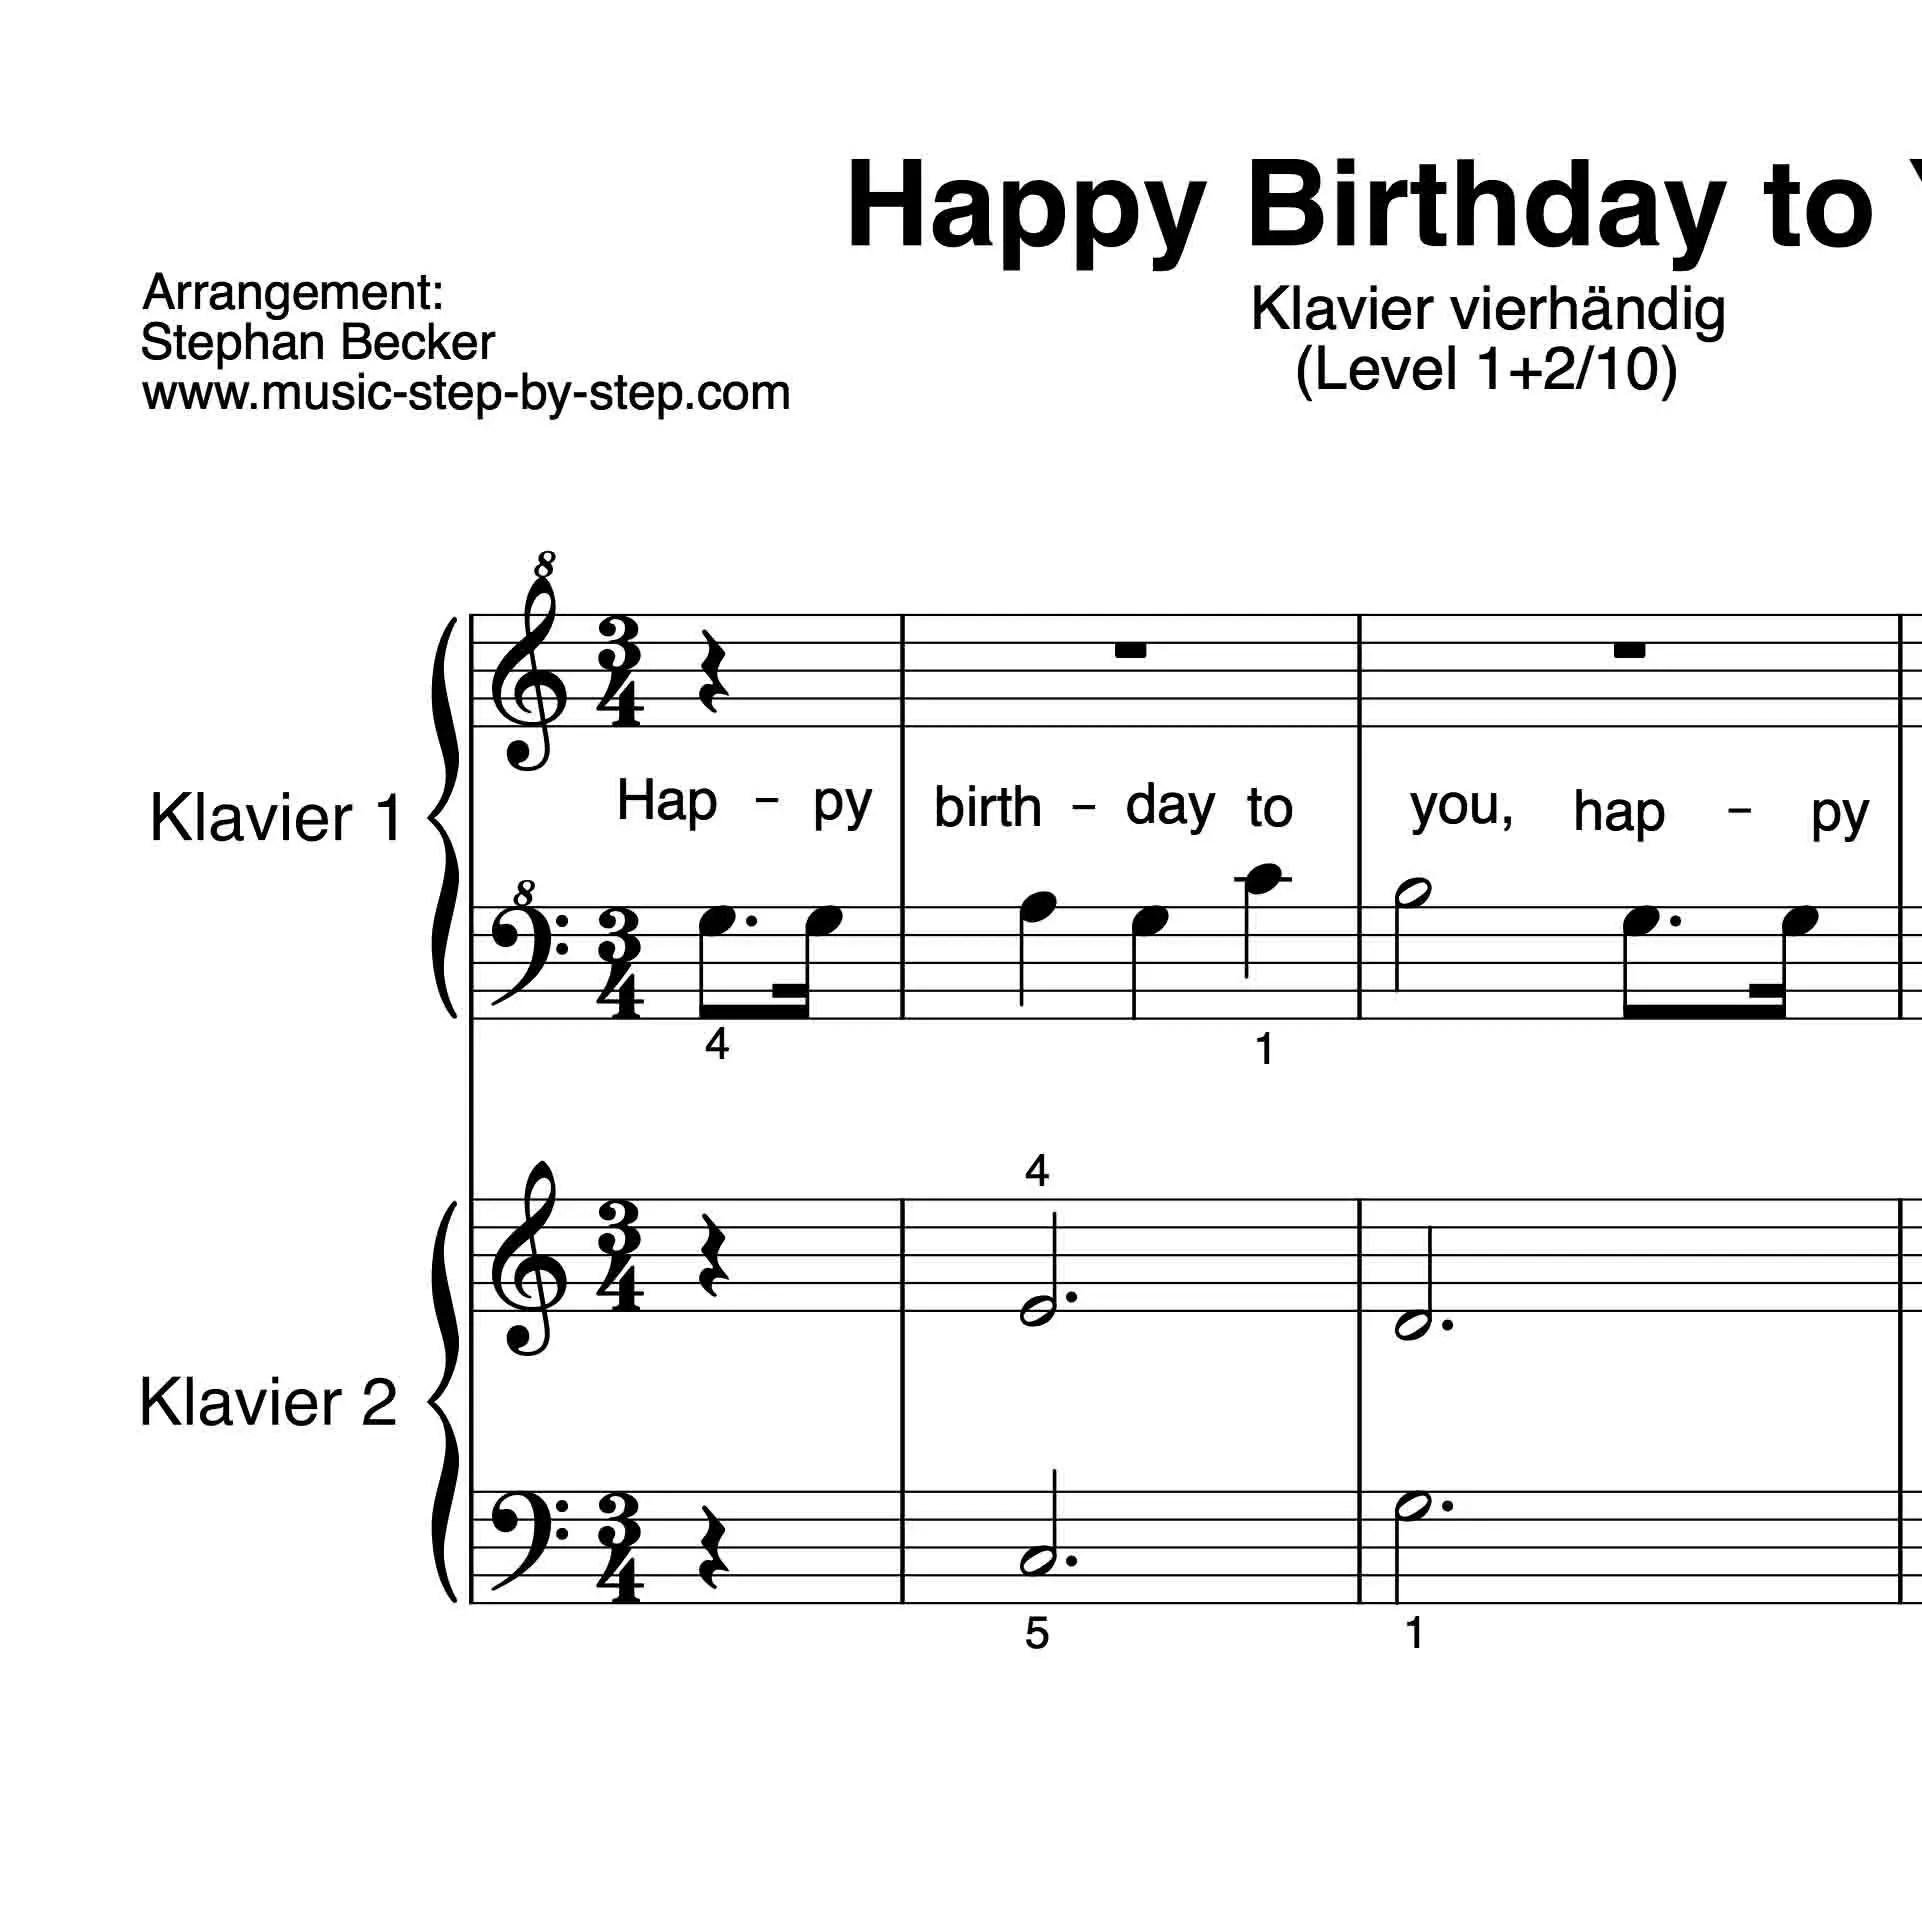 Happy Birthday To You Fur Klavier Vierhandig Level 1 2 10 Inkl Aufnahme Text Und Begleitaufnahme Music Step By Step